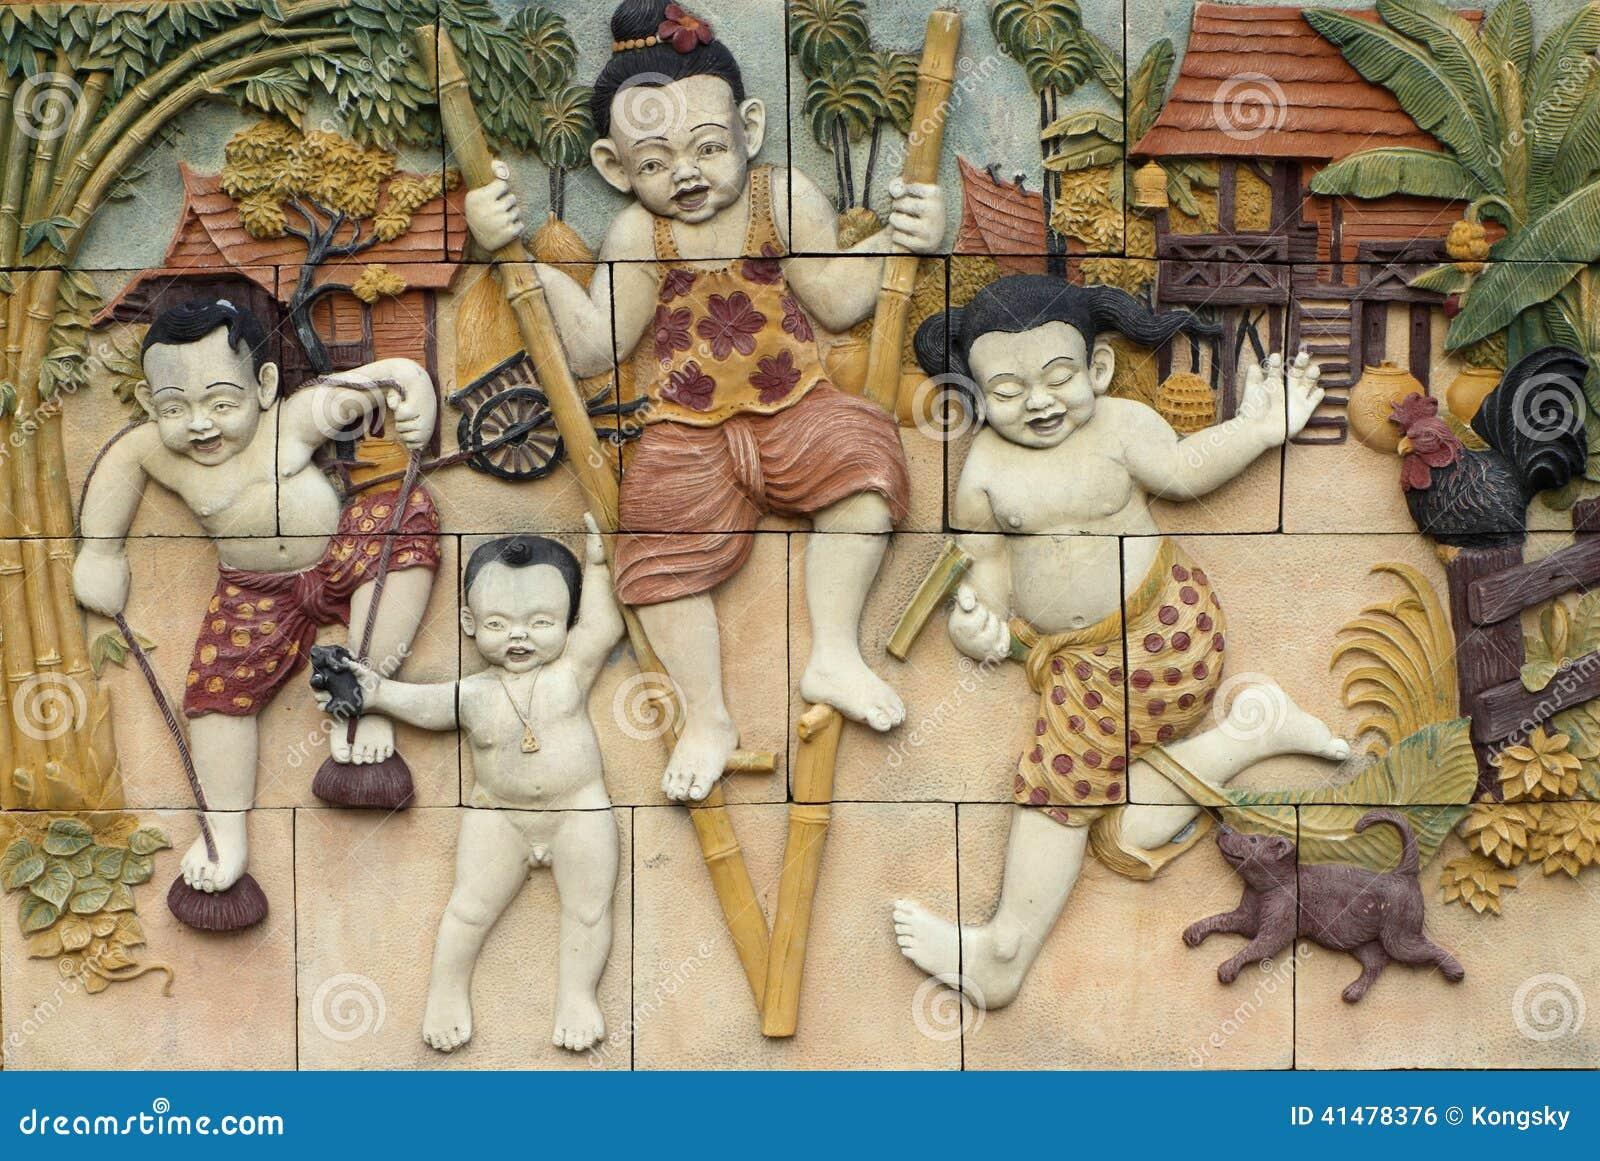 Thailändsk stil handcraft lekar av Thailand kultur på väggen